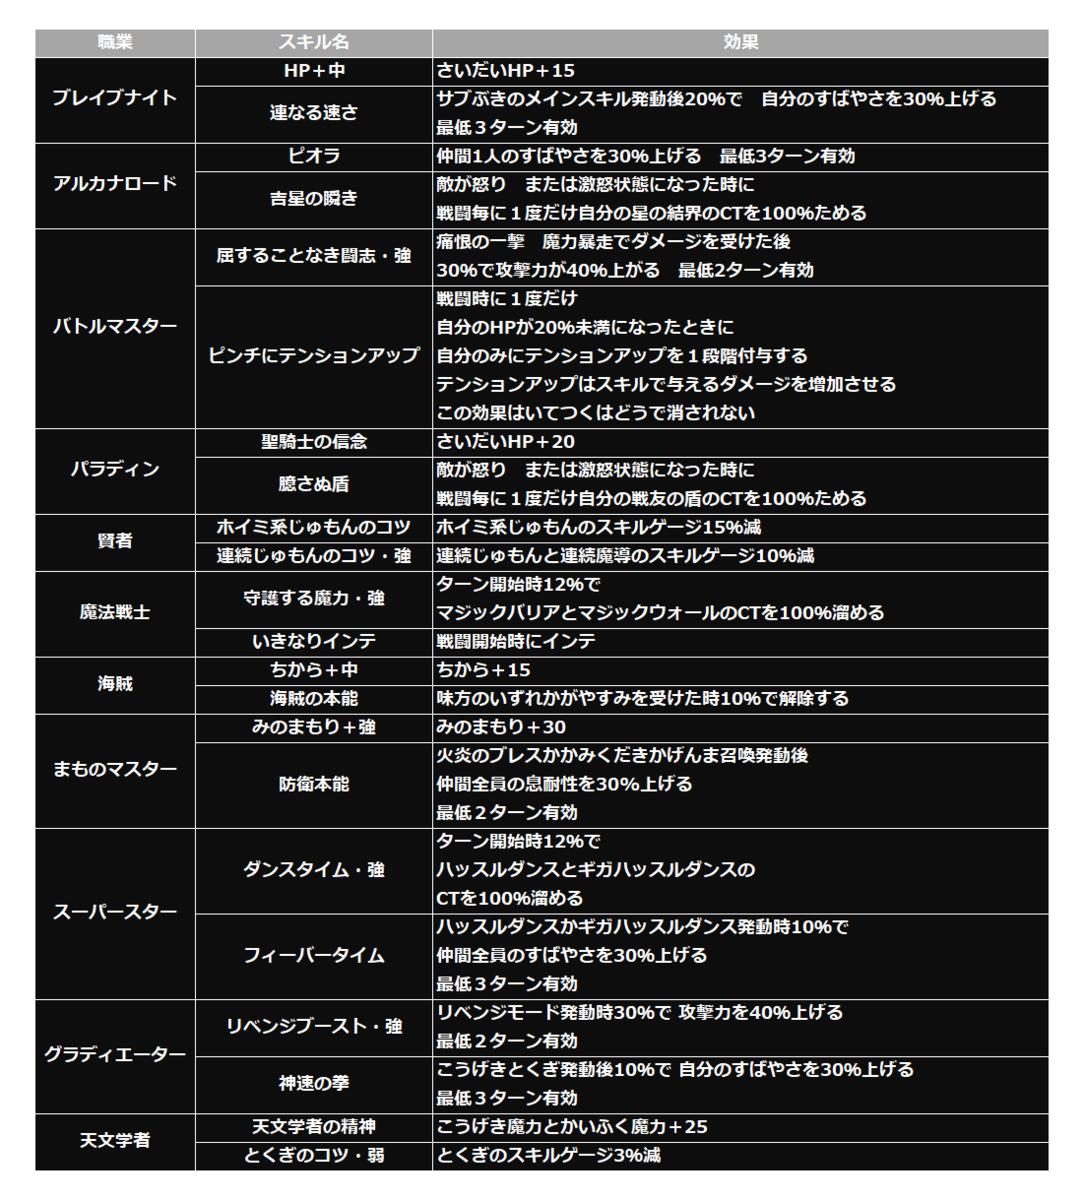 f:id:tsukune_dora_dora:20210216201304p:plain